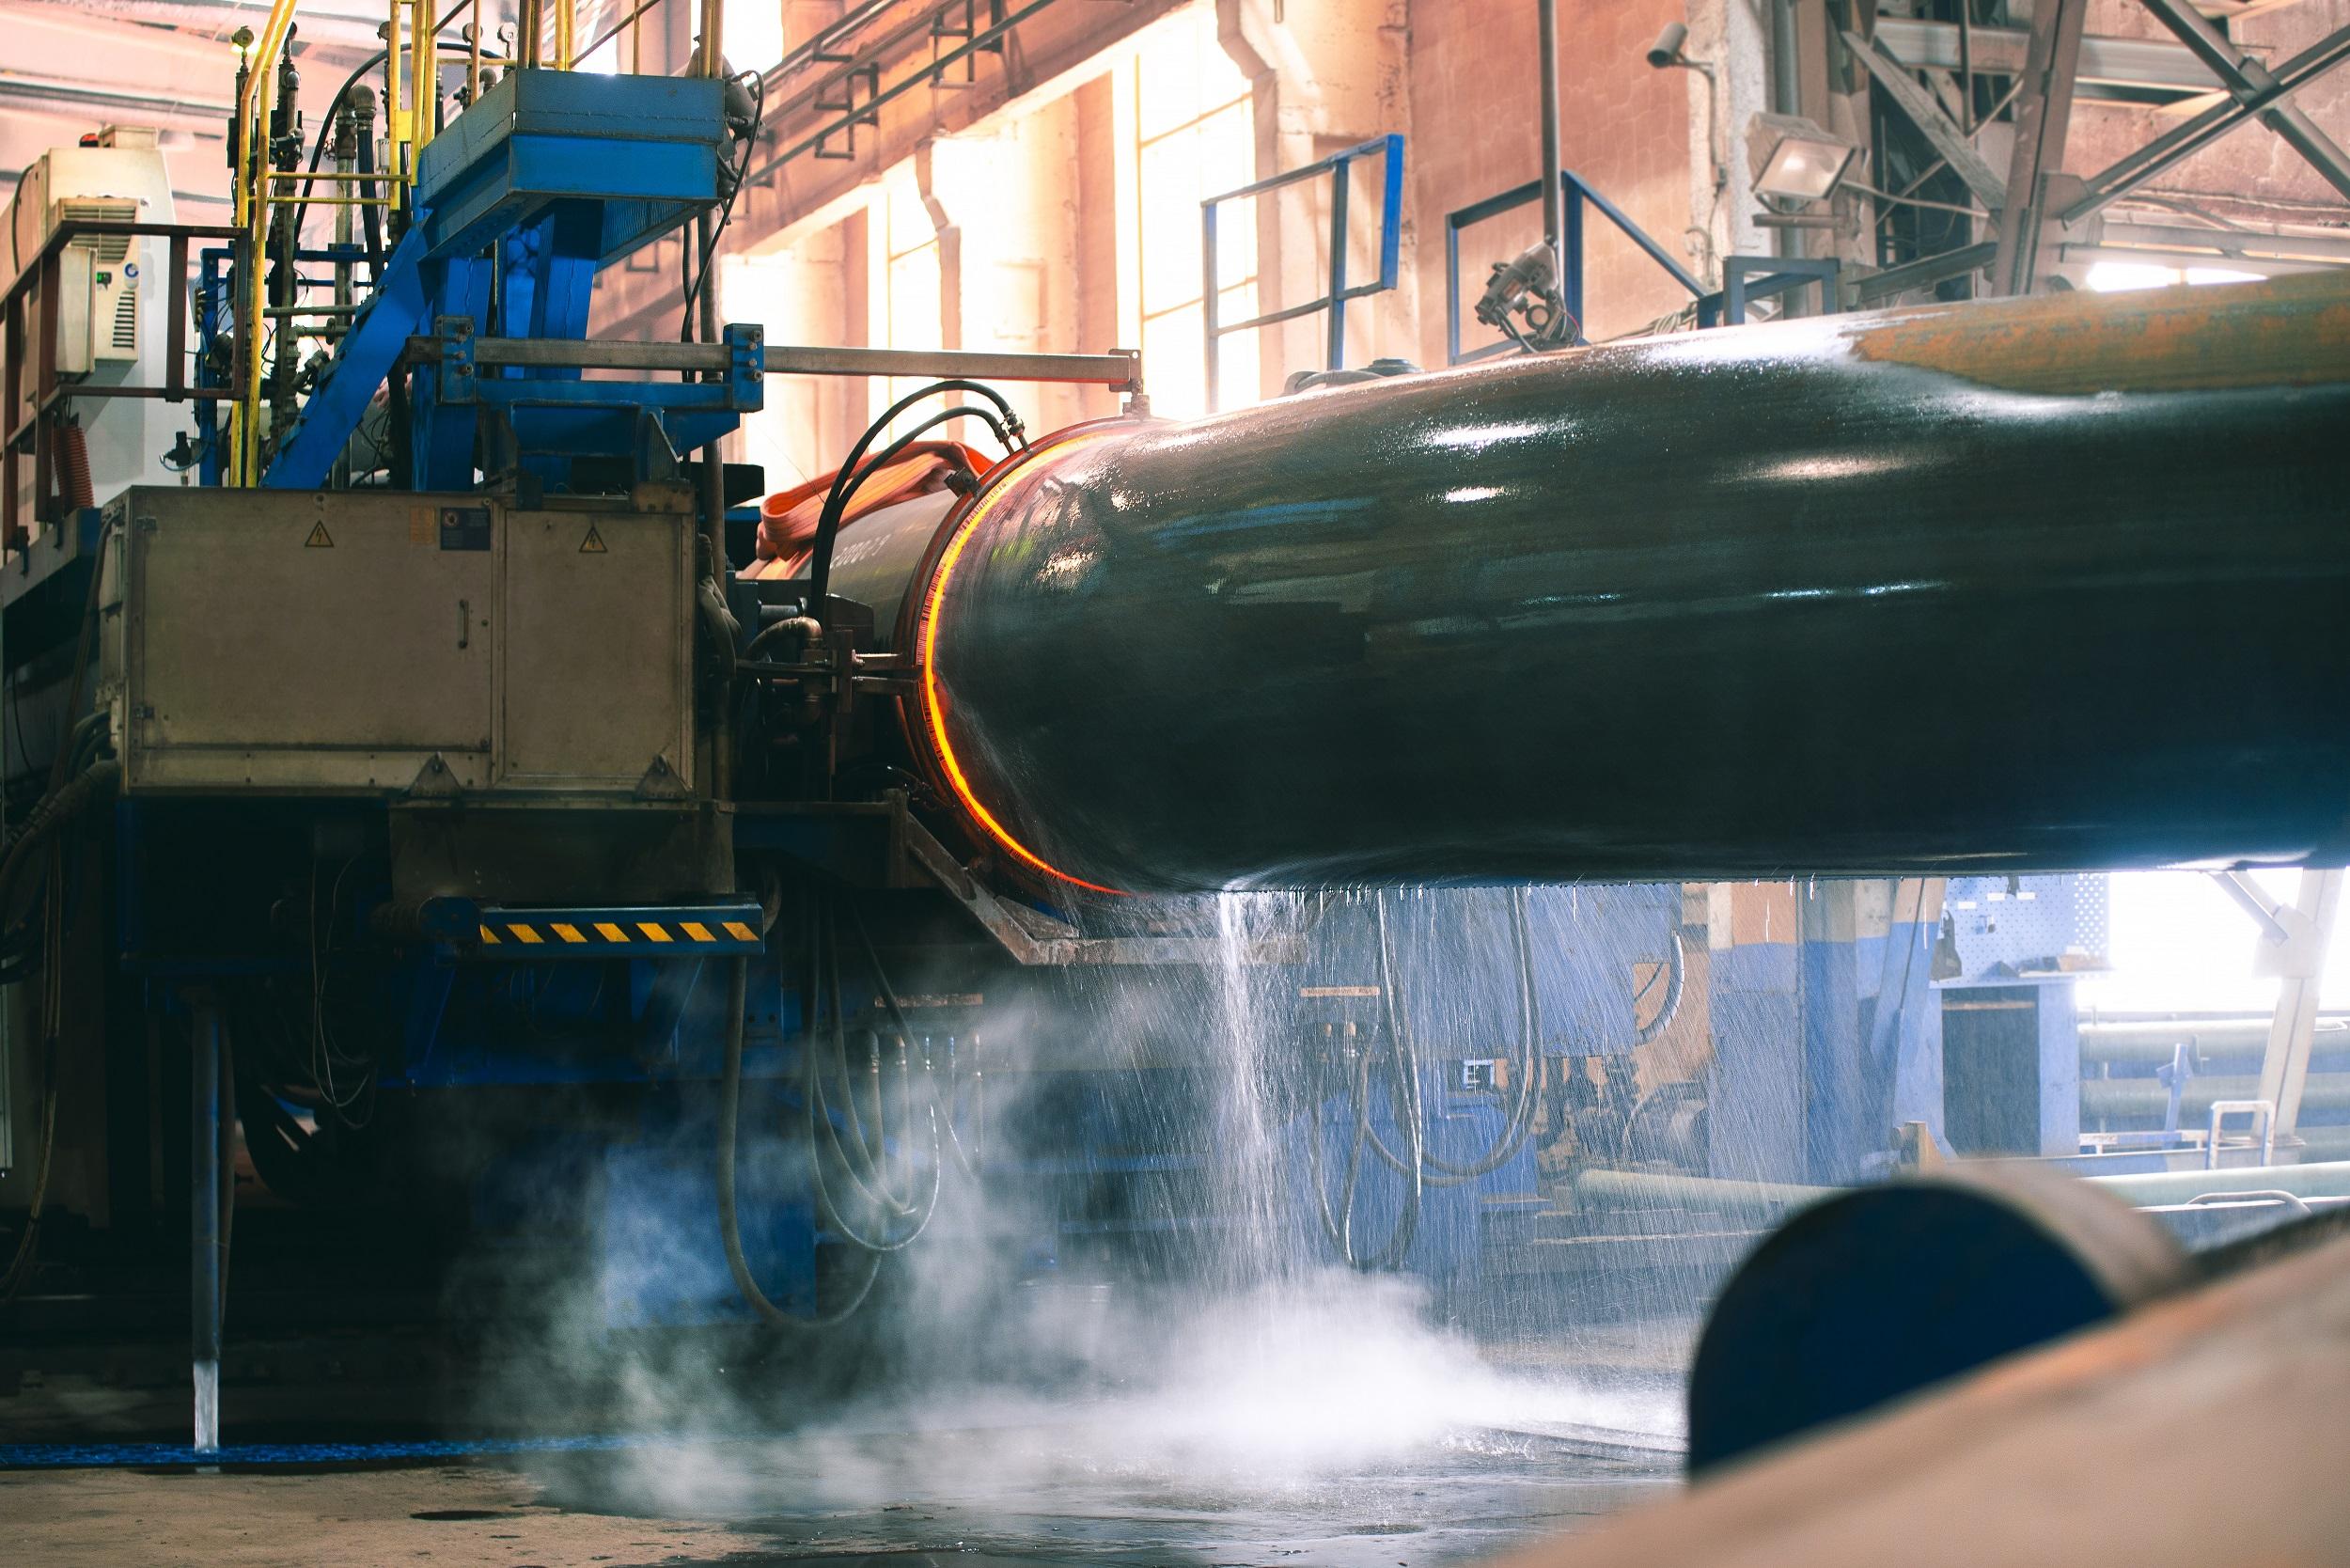 ОМК поставила соединительные детали трубопроводов для месторождения на Ямале